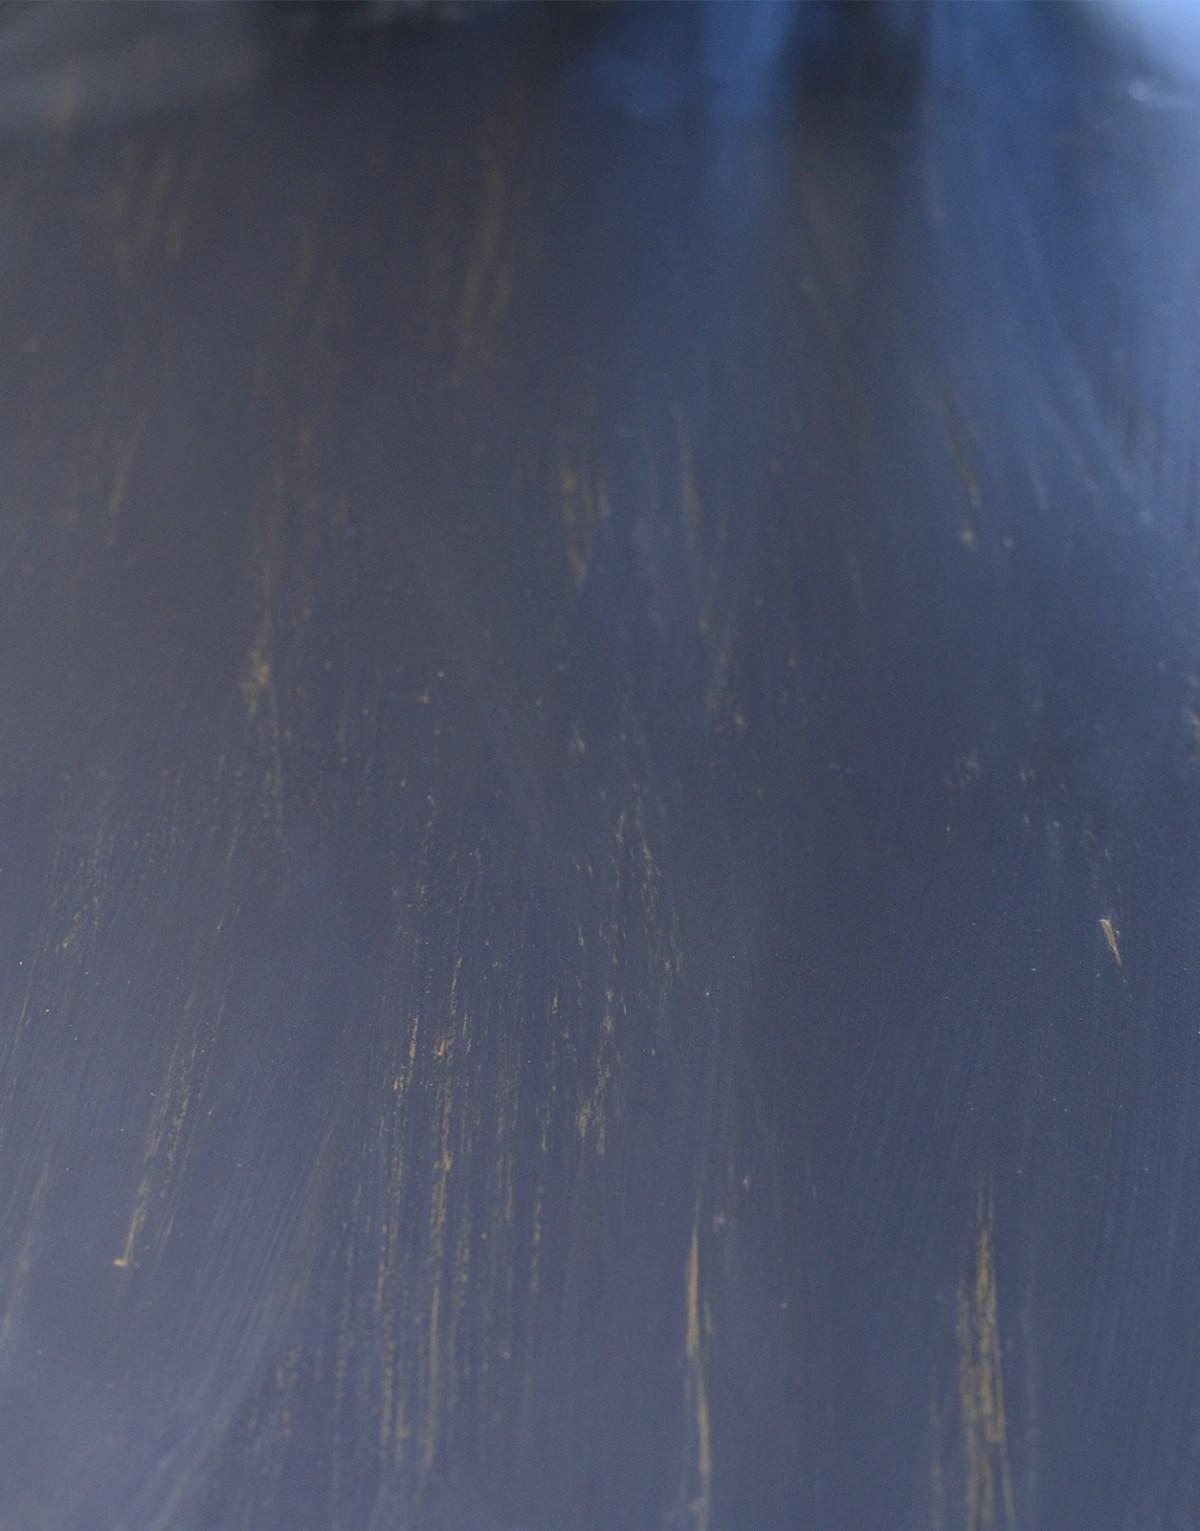 solution, design, soldesign, solution-design.fr, solution_design_fr, mobilier, luminaire, déco, décoration, entrepôt, magasin, ouvert, aujourd'hui, ouverture, autour, de, moi, achat, vente, ligne, promotion, offre, soldes, lot, set, showroom, qualité, pro, professionnelle, particulier, stock, commande, rapide, designer, chaise, table, lampe, sac, textile, tapis, carpet, peau, cowhide, armchair, canapé, bibliothèque, étagère, meuble, meubles, chairs, chair, home, intérieur, extérieur, france, haute, garonne, proche, toulouse, muret,